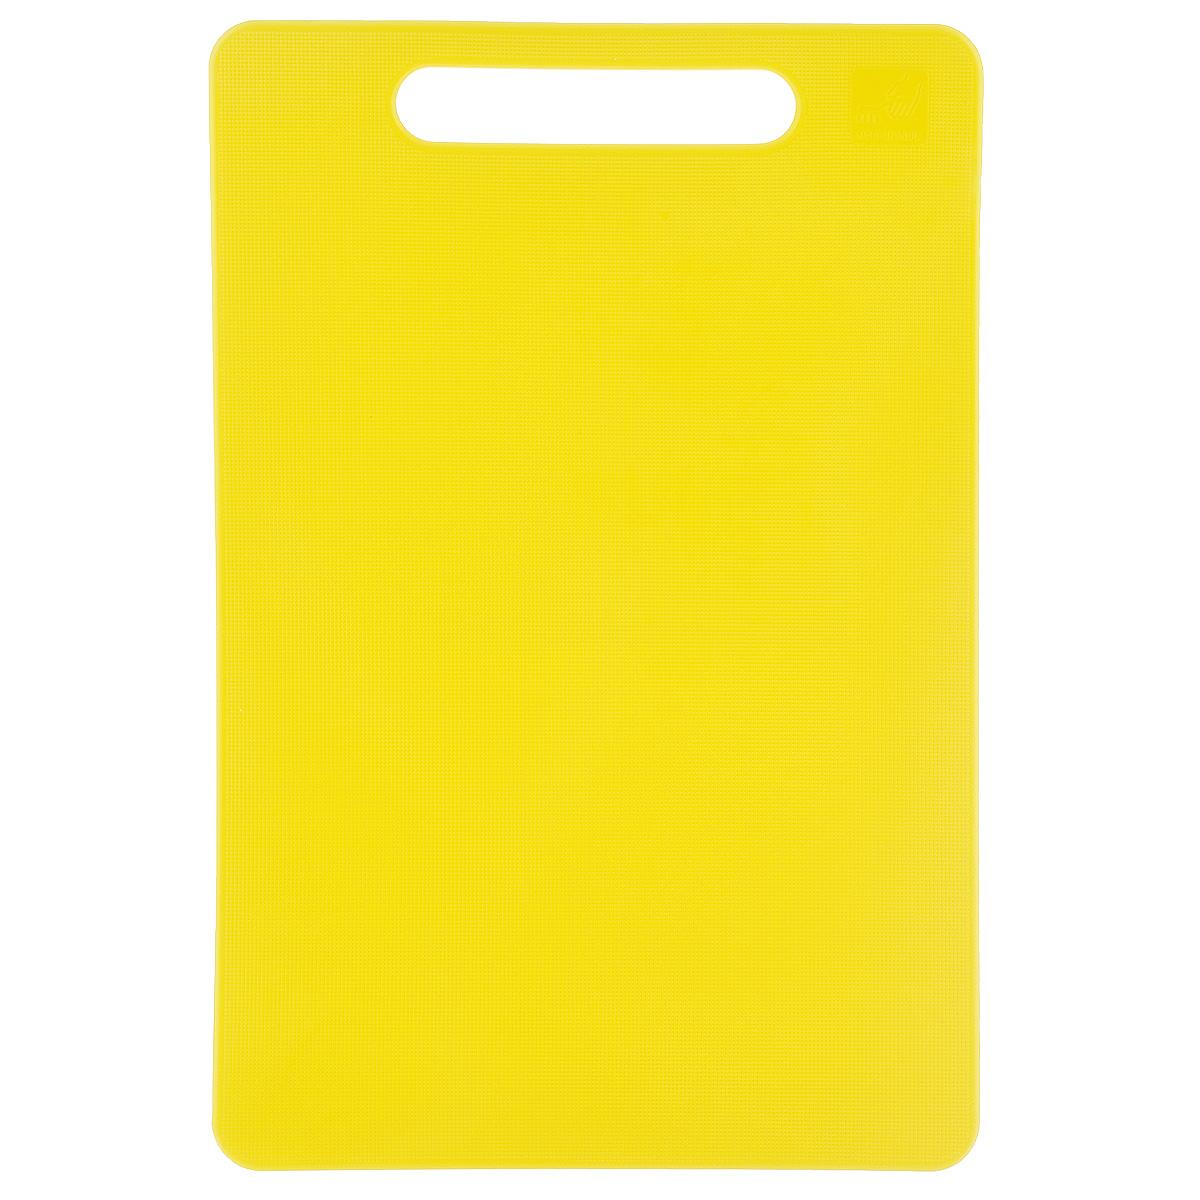 Доска разделочная Kesper, цвет: желтый, 24 х 15 см54 009312Яркая разделочная доска Kesper прекрасно подходит для разделки всех видов пищевых продуктов. Изготовлена из одноцветного прочного пластика. Изделие оснащено отверстием для подвешивания на крючок.Можно мыть в посудомоечной машине.